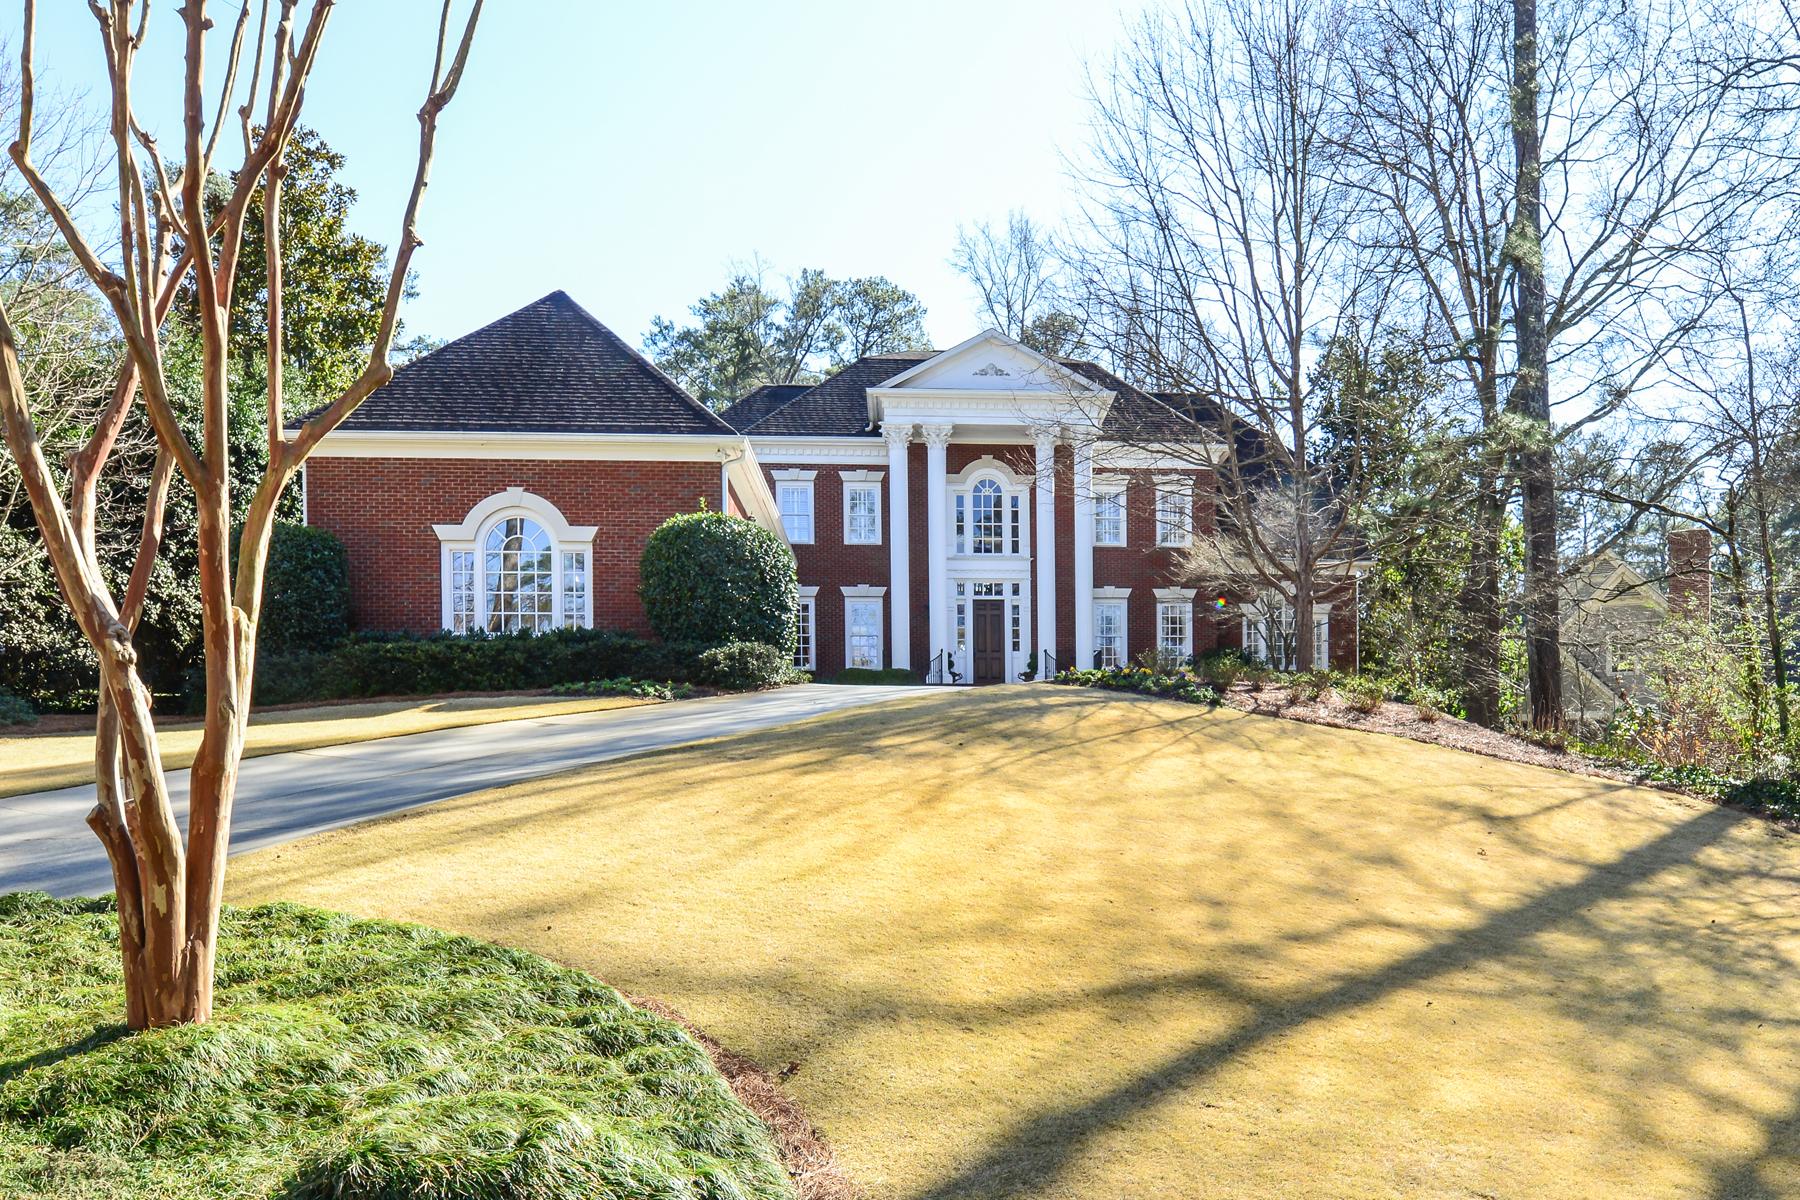 Частный односемейный дом для того Продажа на Stunning Historic Brookhaven Home 4385 Davidson Avenue Atlanta, Джорджия, 30319 Соединенные Штаты